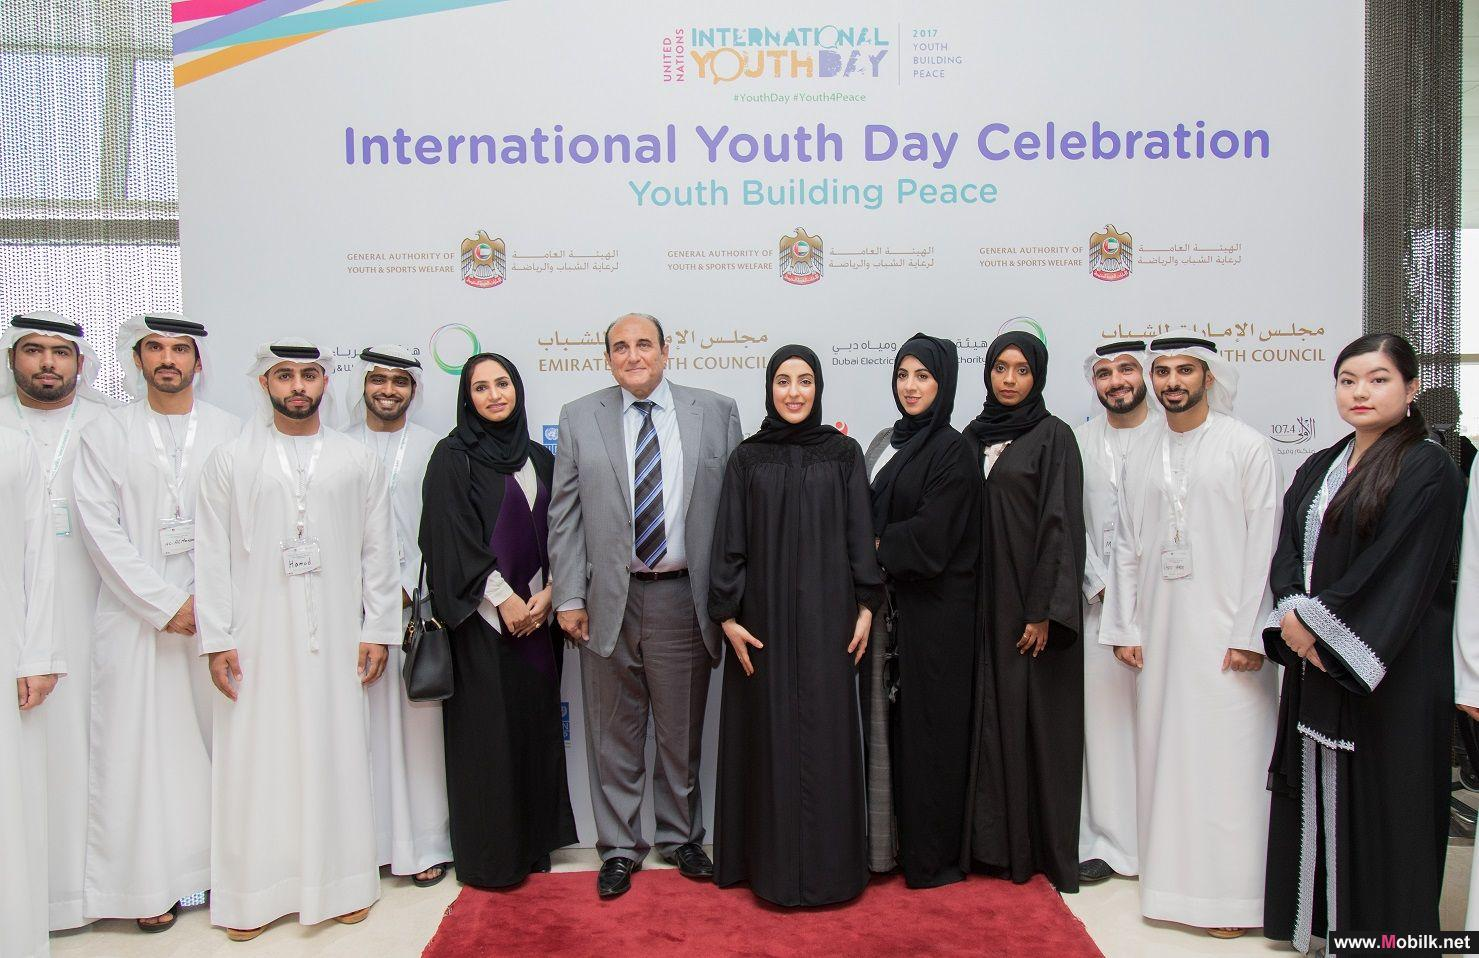 شركة الإمارات للاتصالات المتكاملة (دو) تطلق مجلسها للشباب